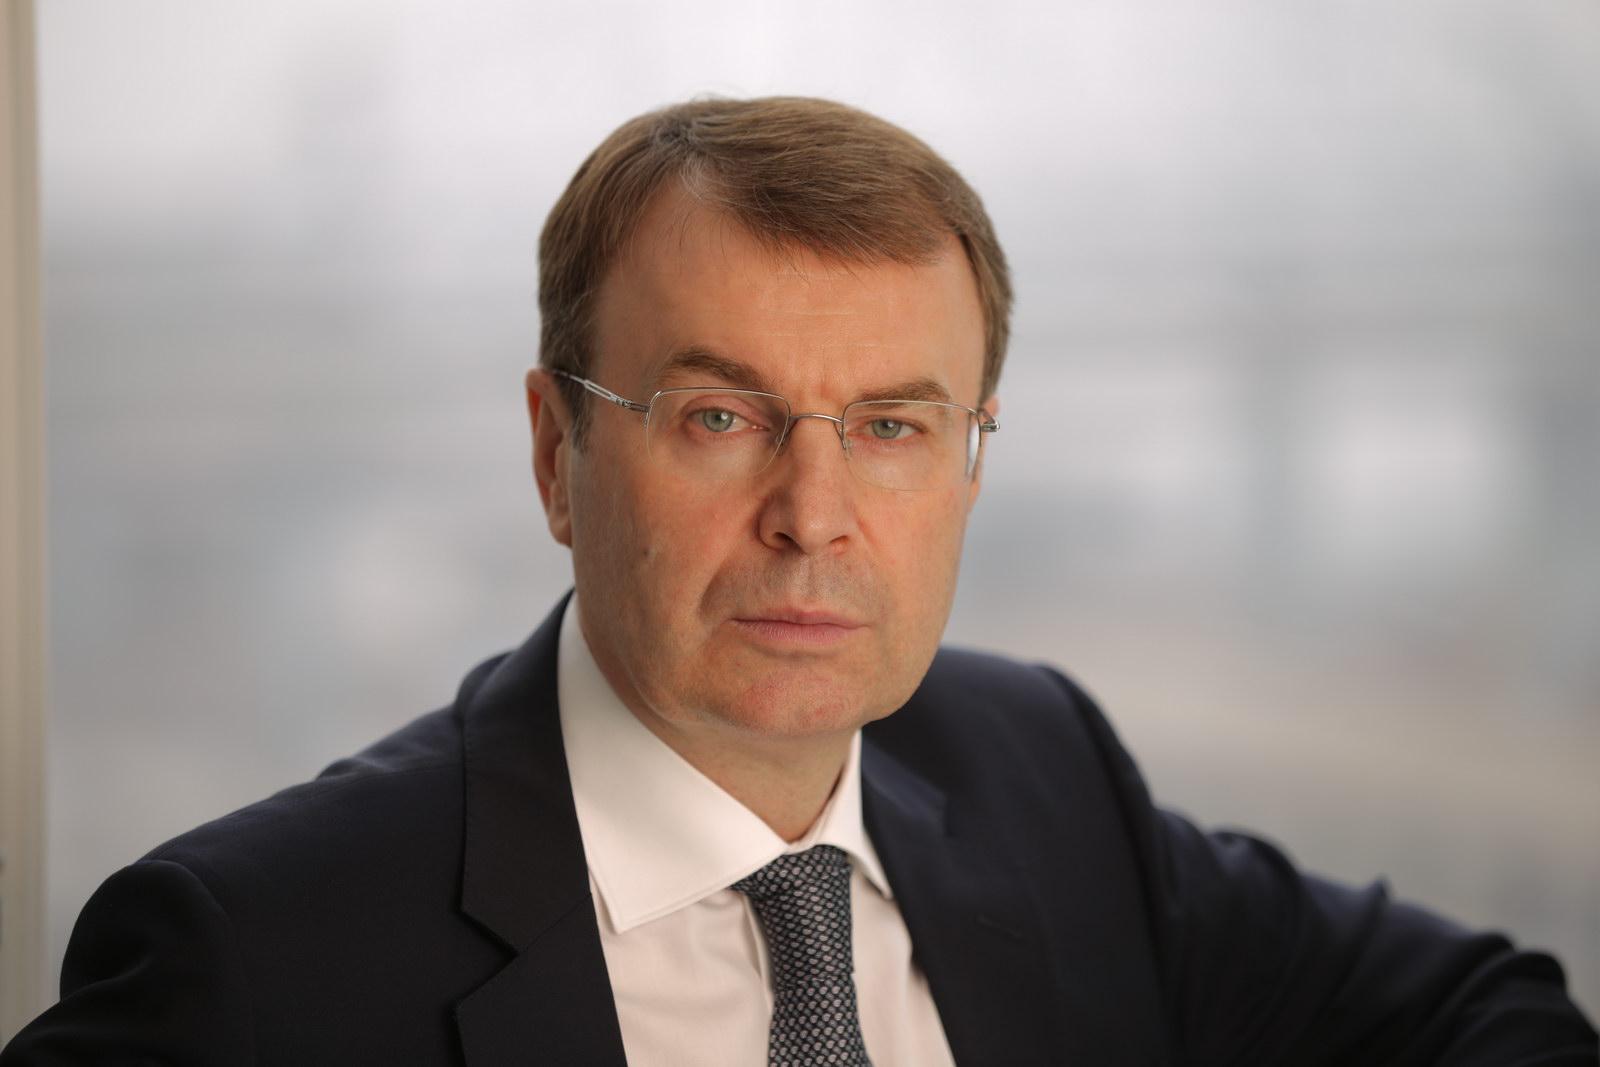 Виктор Зубарев: «Традиции и духовность против идеологии потребления»